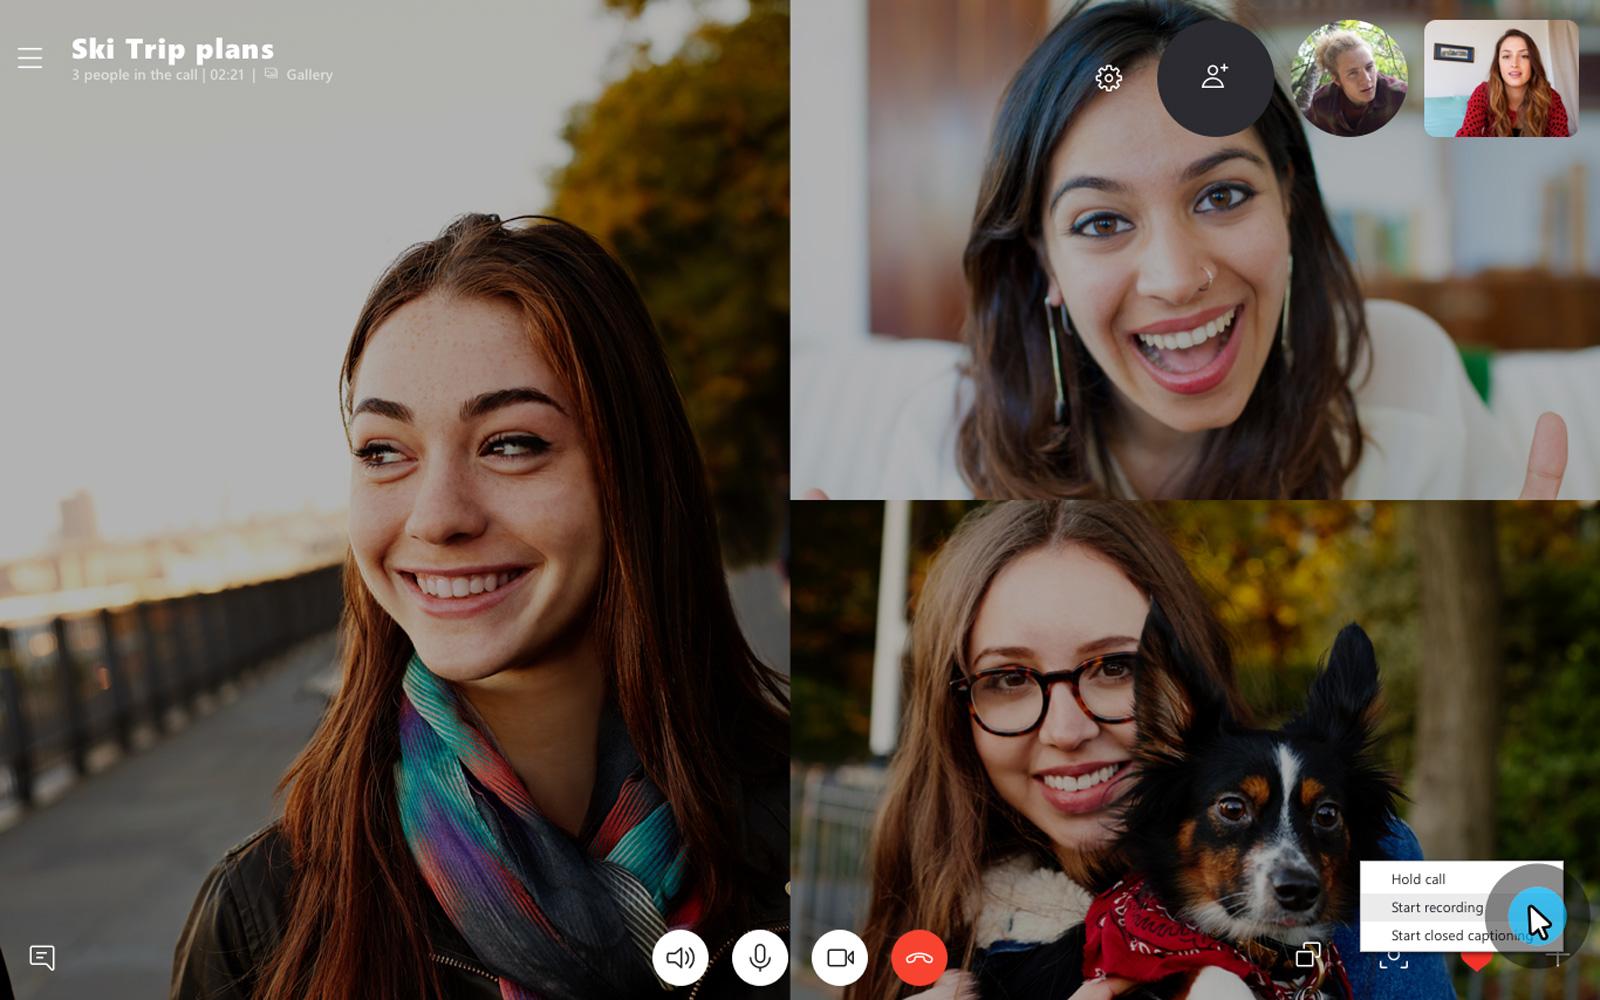 В Skype появилась долгожданная функция записи видеозвонков